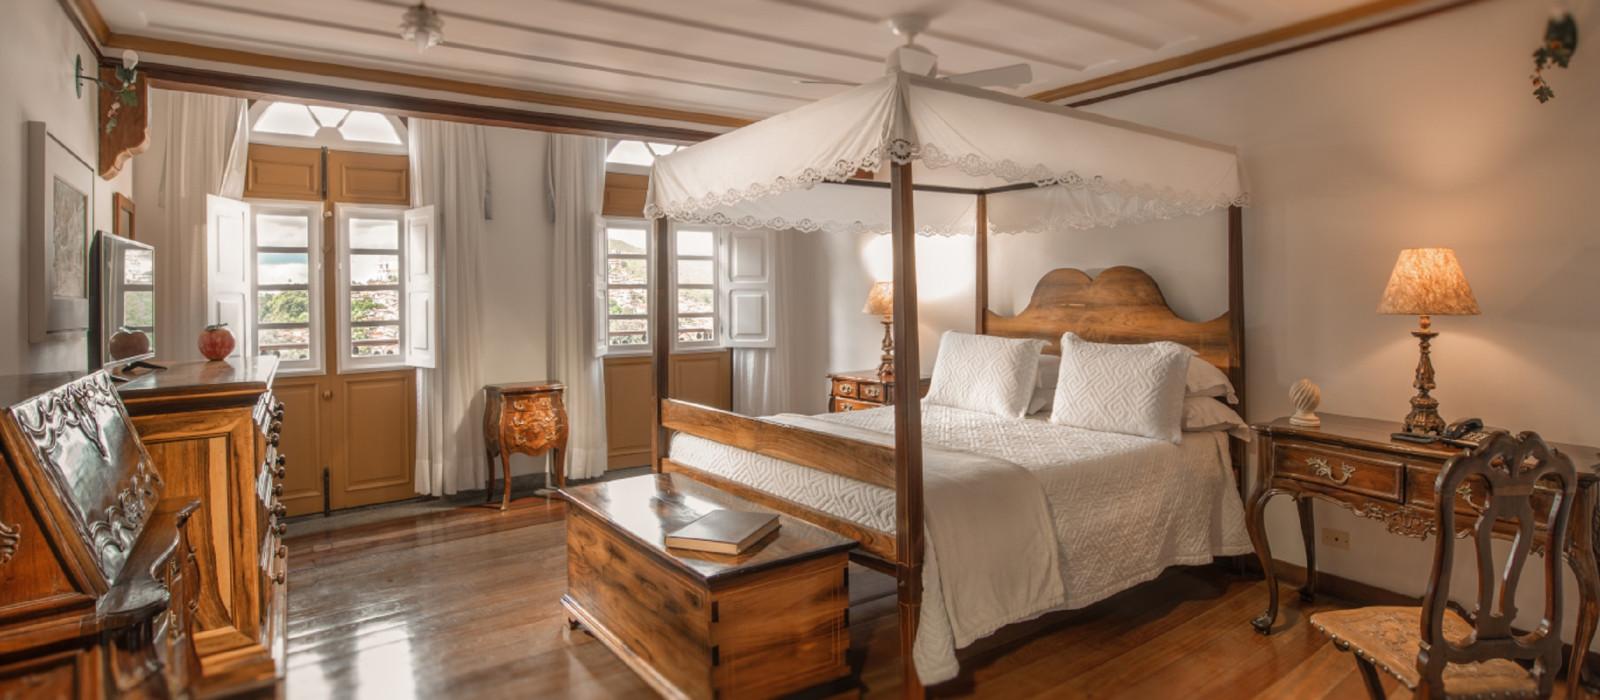 Hotel Pousada do Mondego Brazil